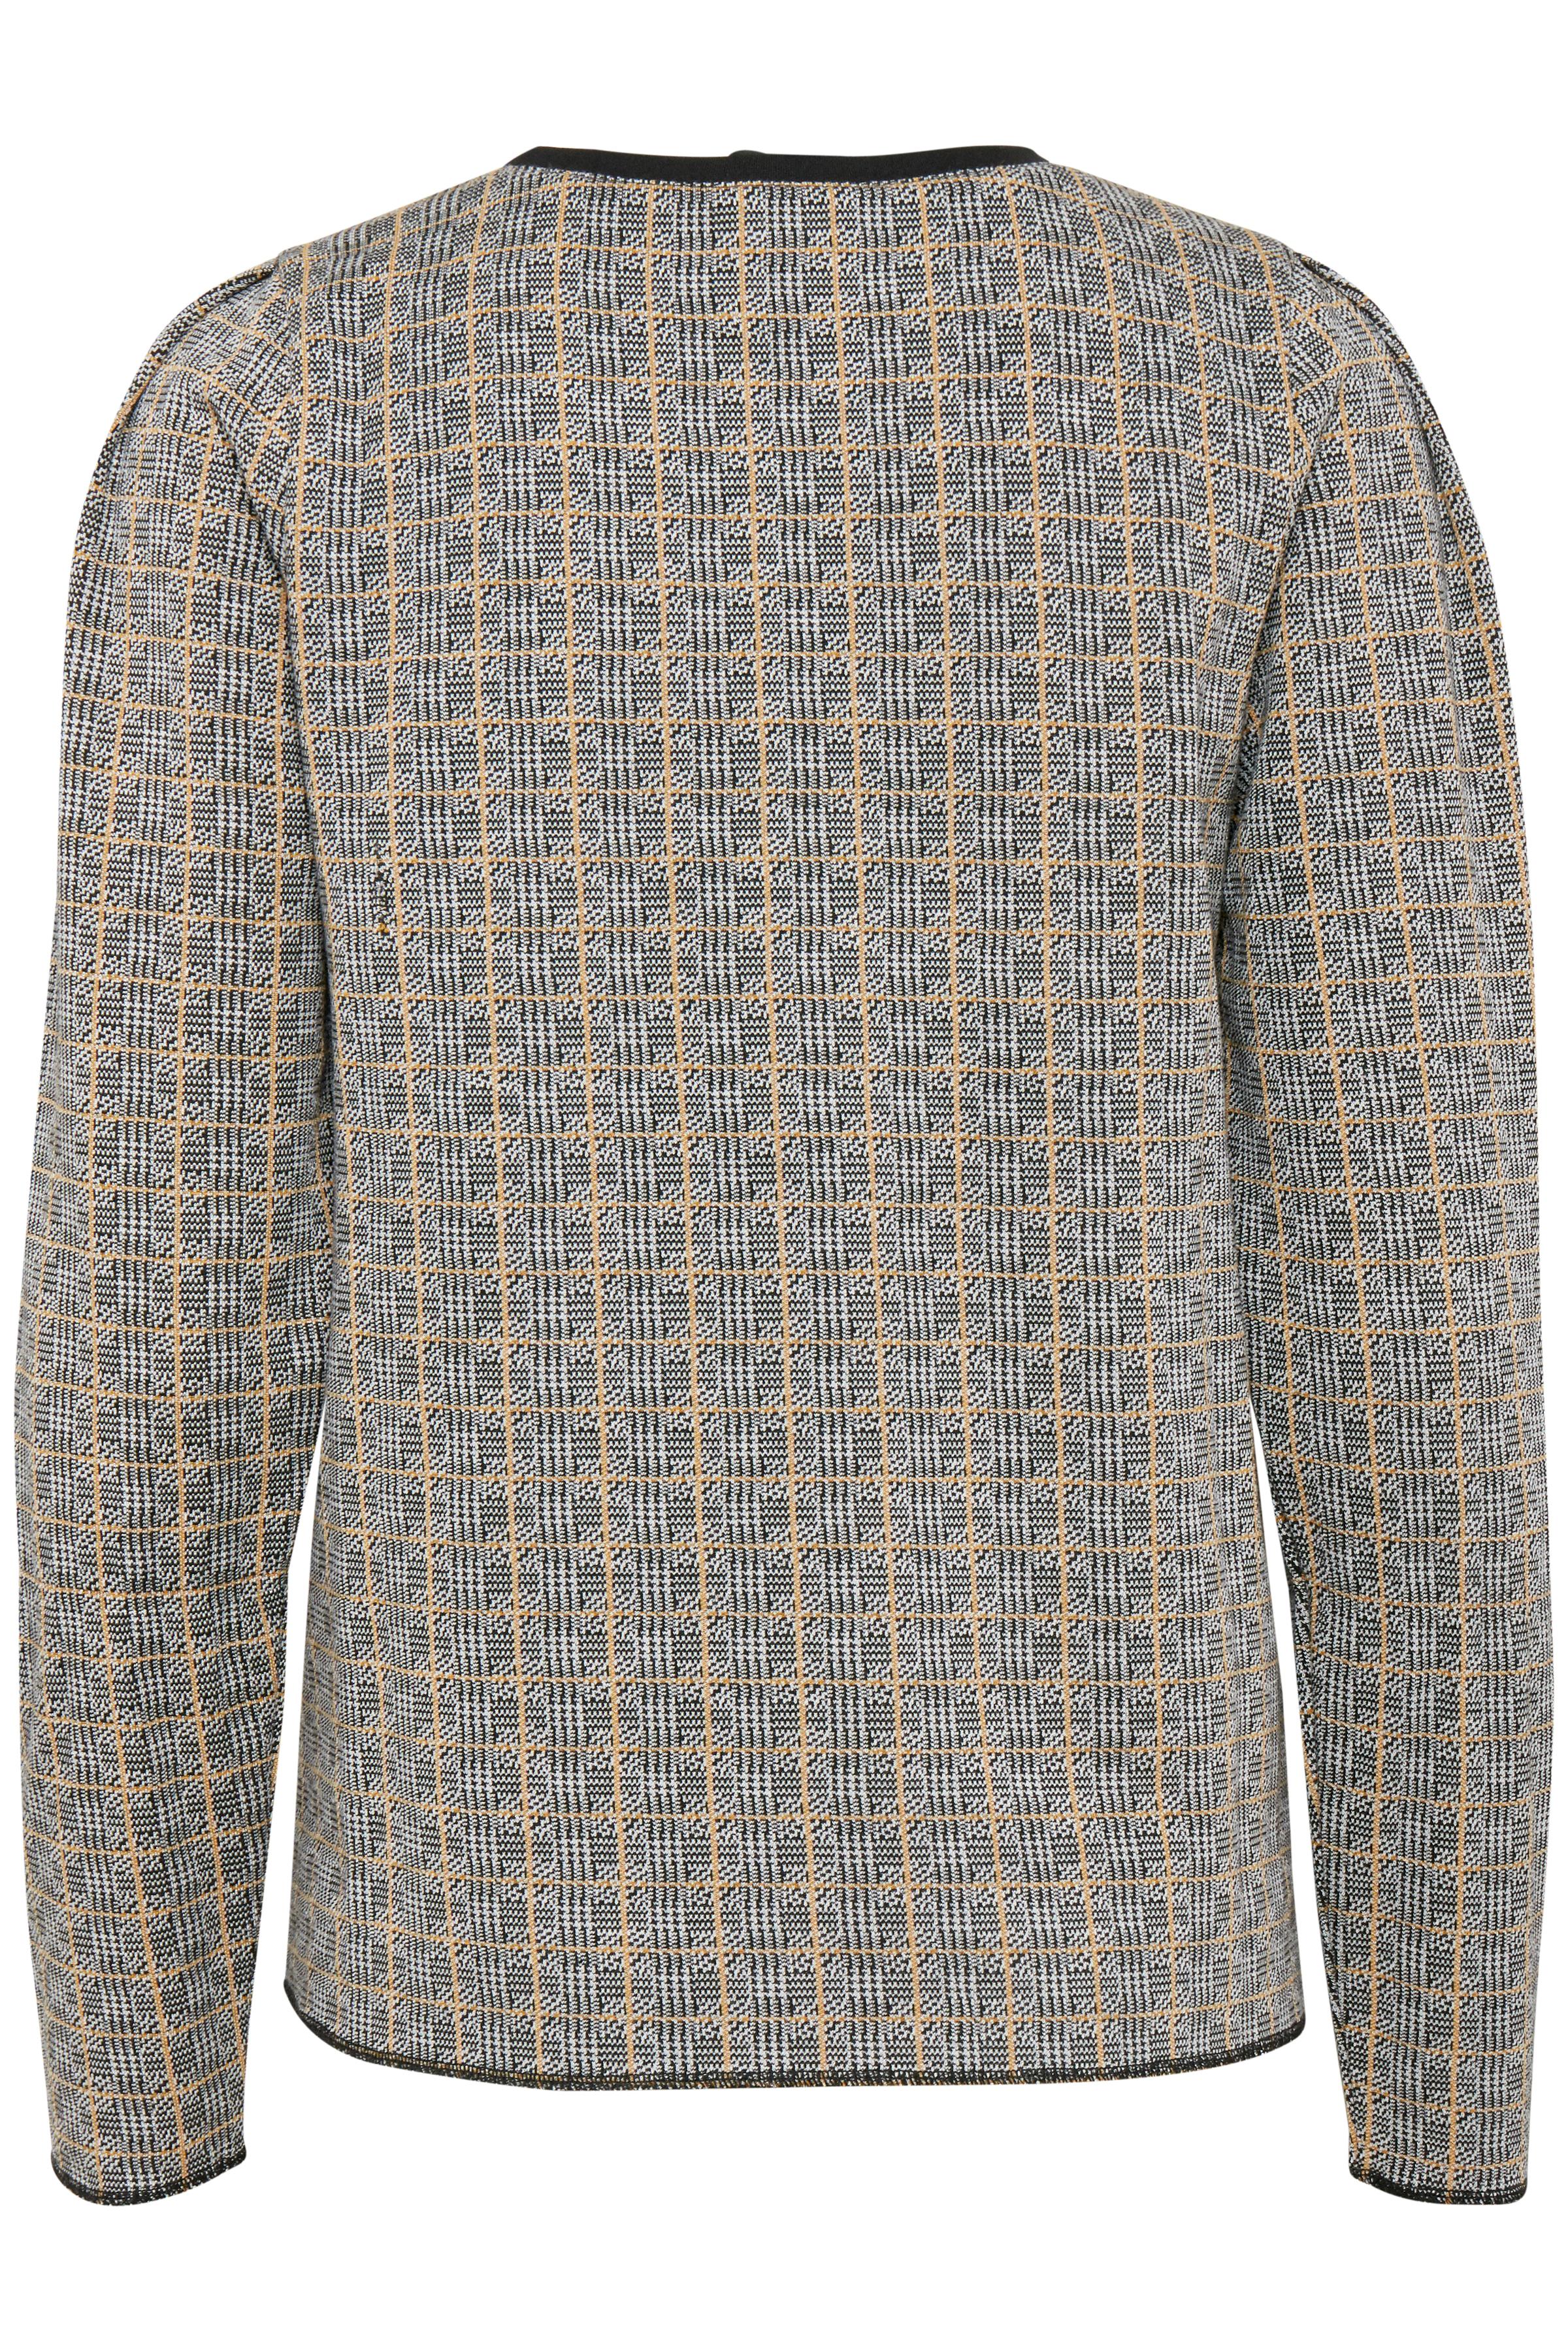 Jet Black Sweatshirt – Køb Jet Black Sweatshirt fra str. XS-XXL her